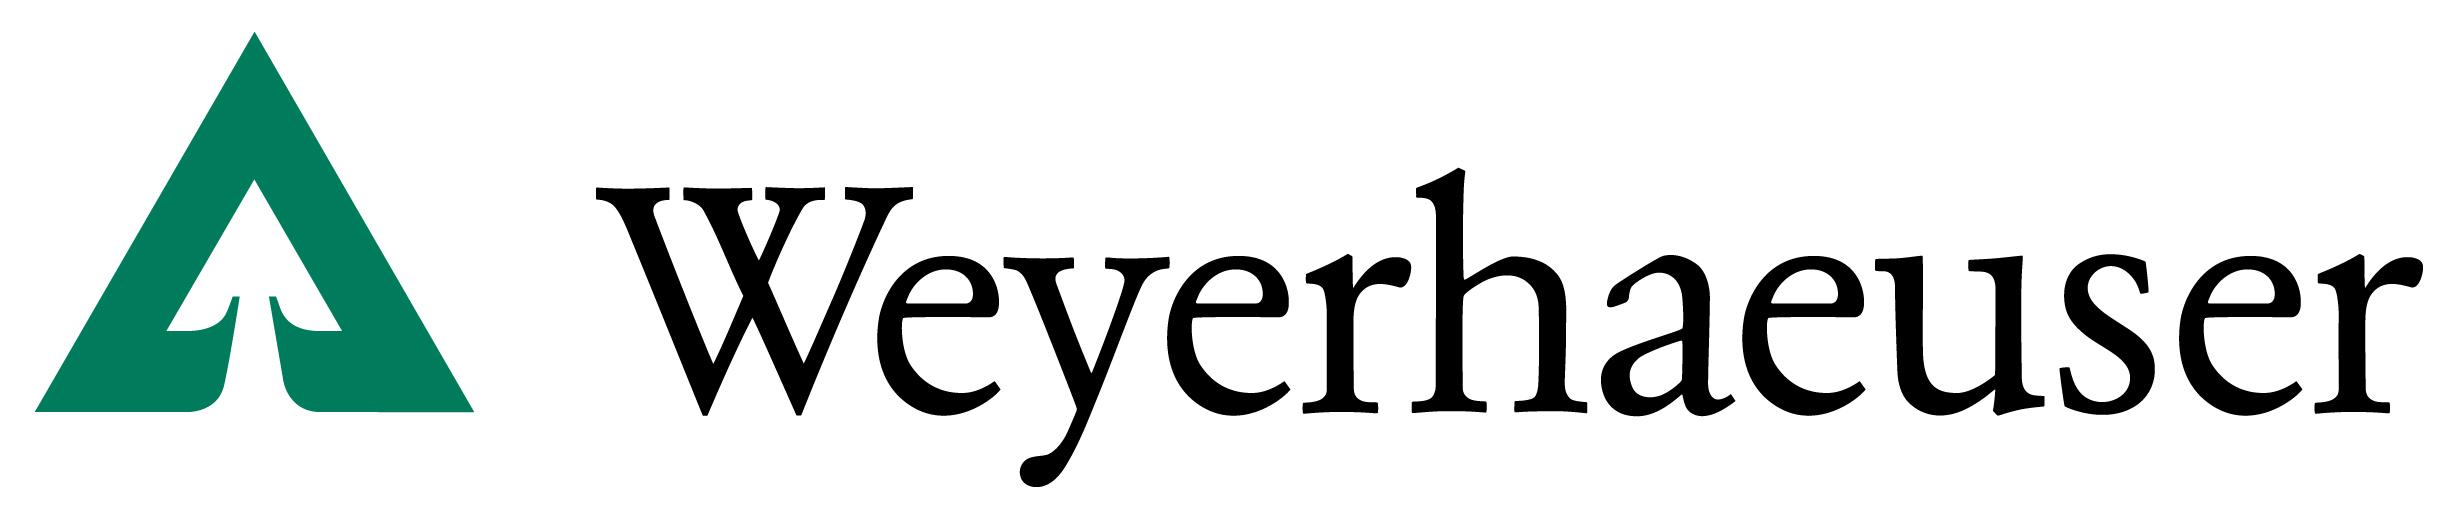 Weyerhaeuser Lumber